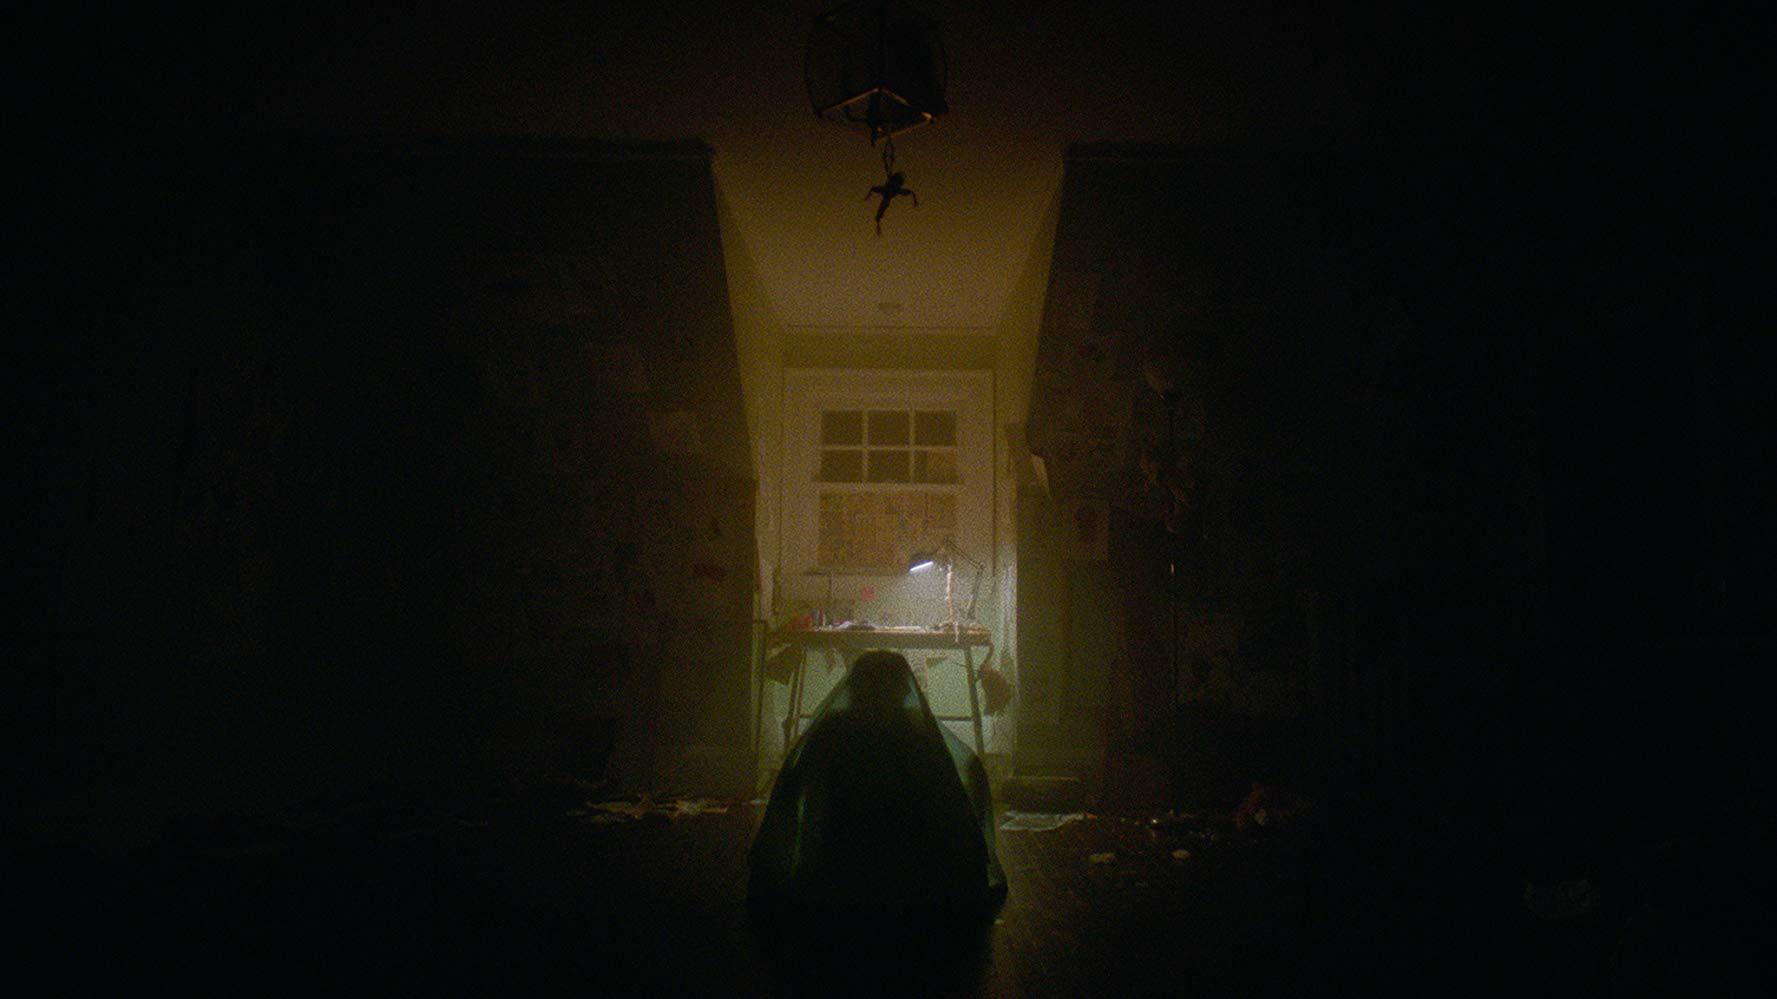 Sợ chết khiếp với trailer mới phim kinh dị HÙ! - Ảnh 1.